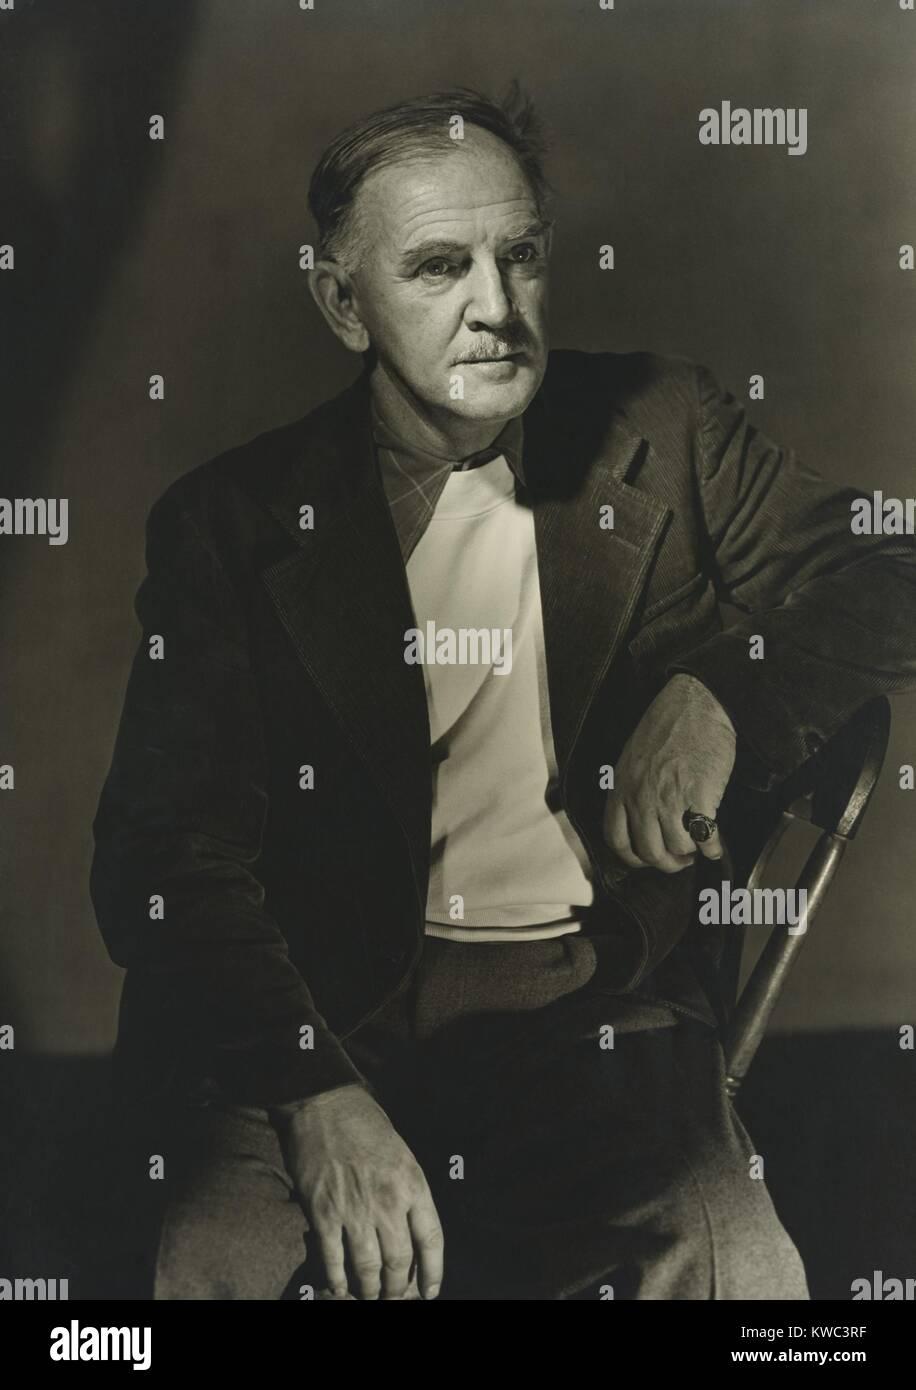 Milton Avery, Americano del siglo de mid-20th pintor modernista, activo desde 1920 a 1960. 1946 Foto por Katherine Foto de stock